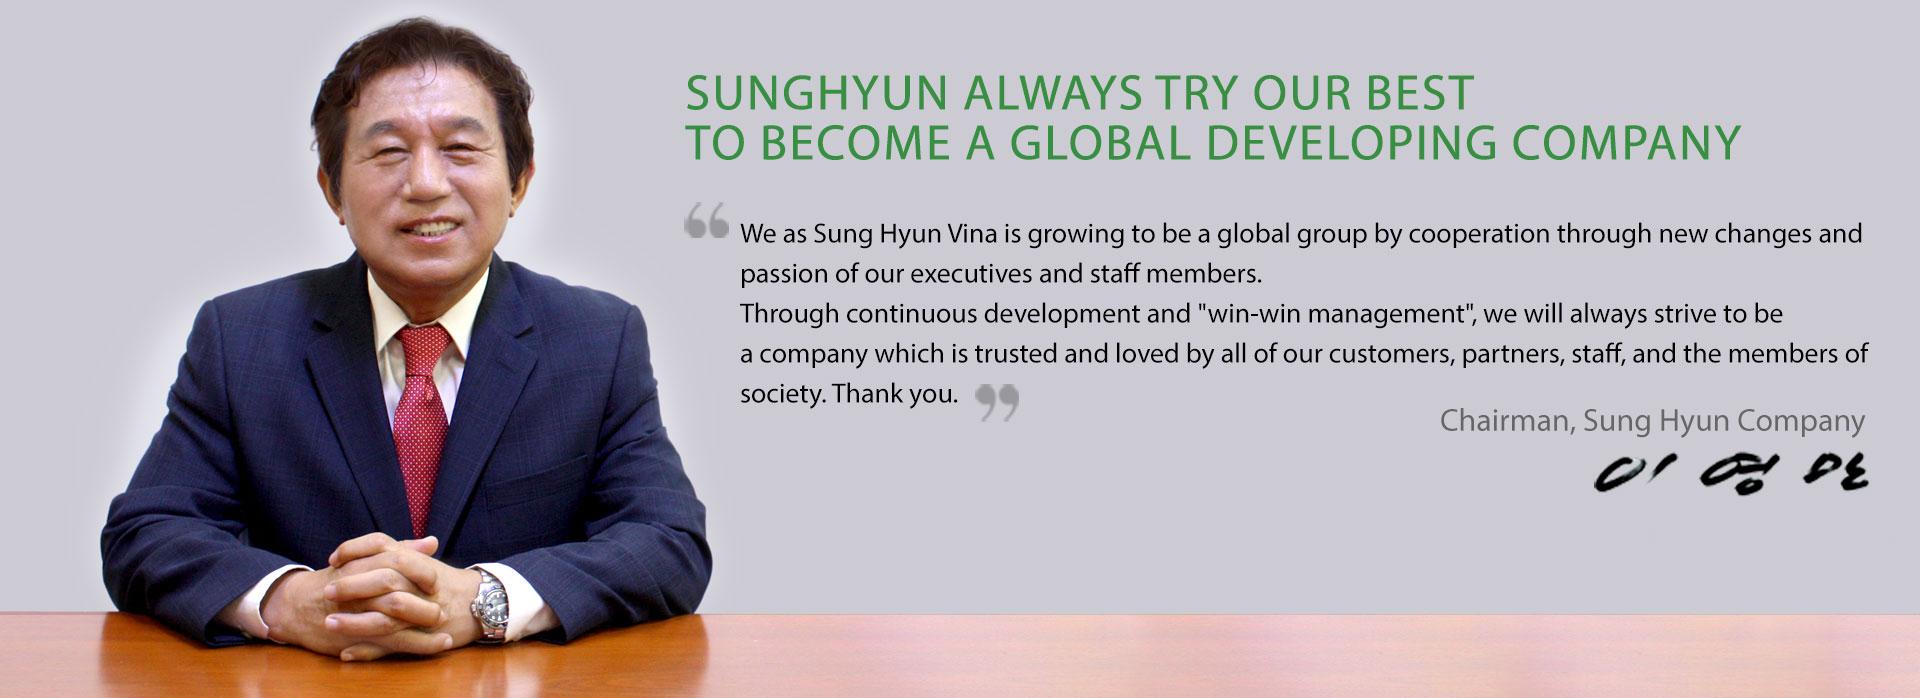 Sung Hyun Vina